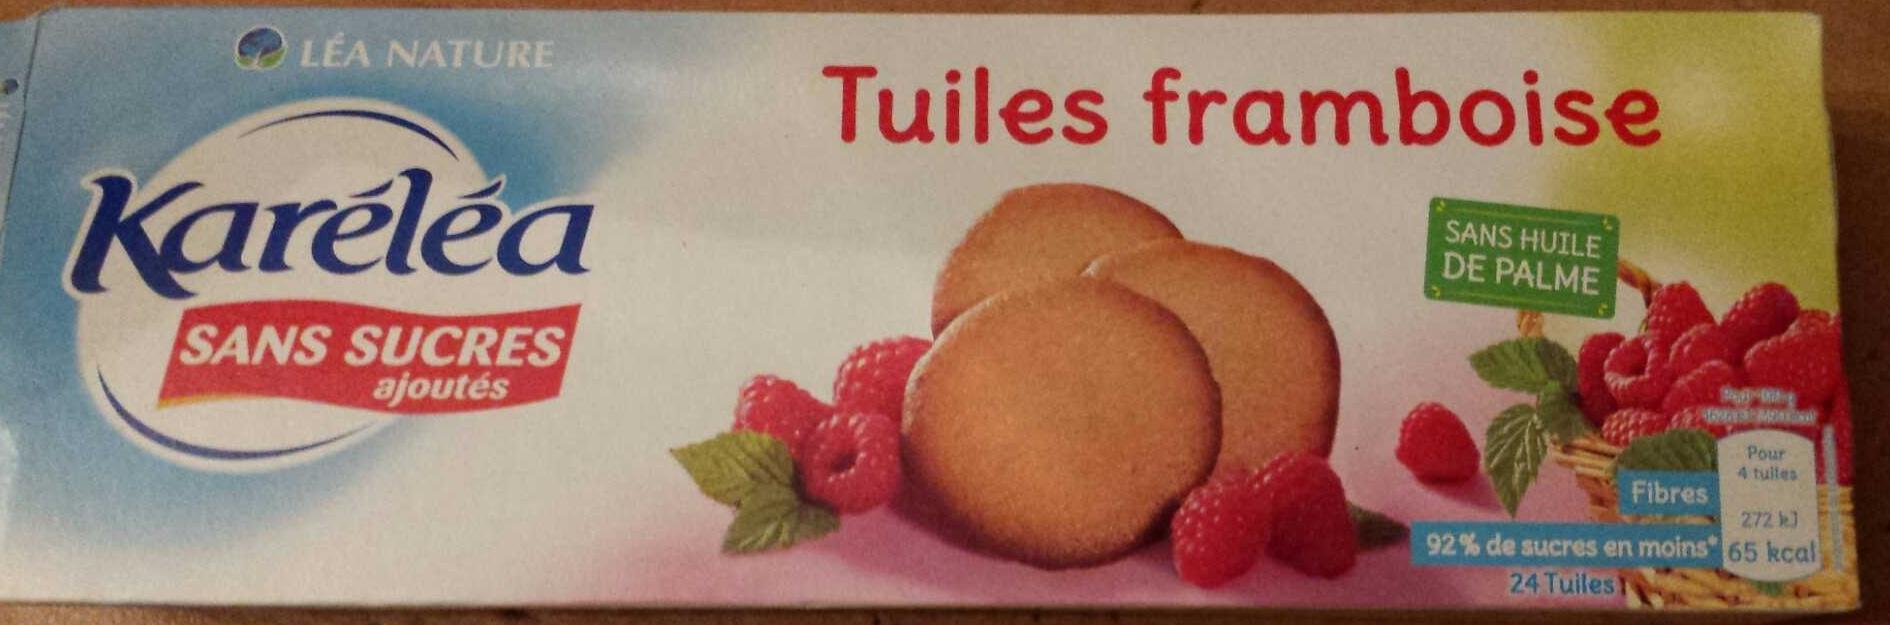 Tuiles Framboises - Produit - fr